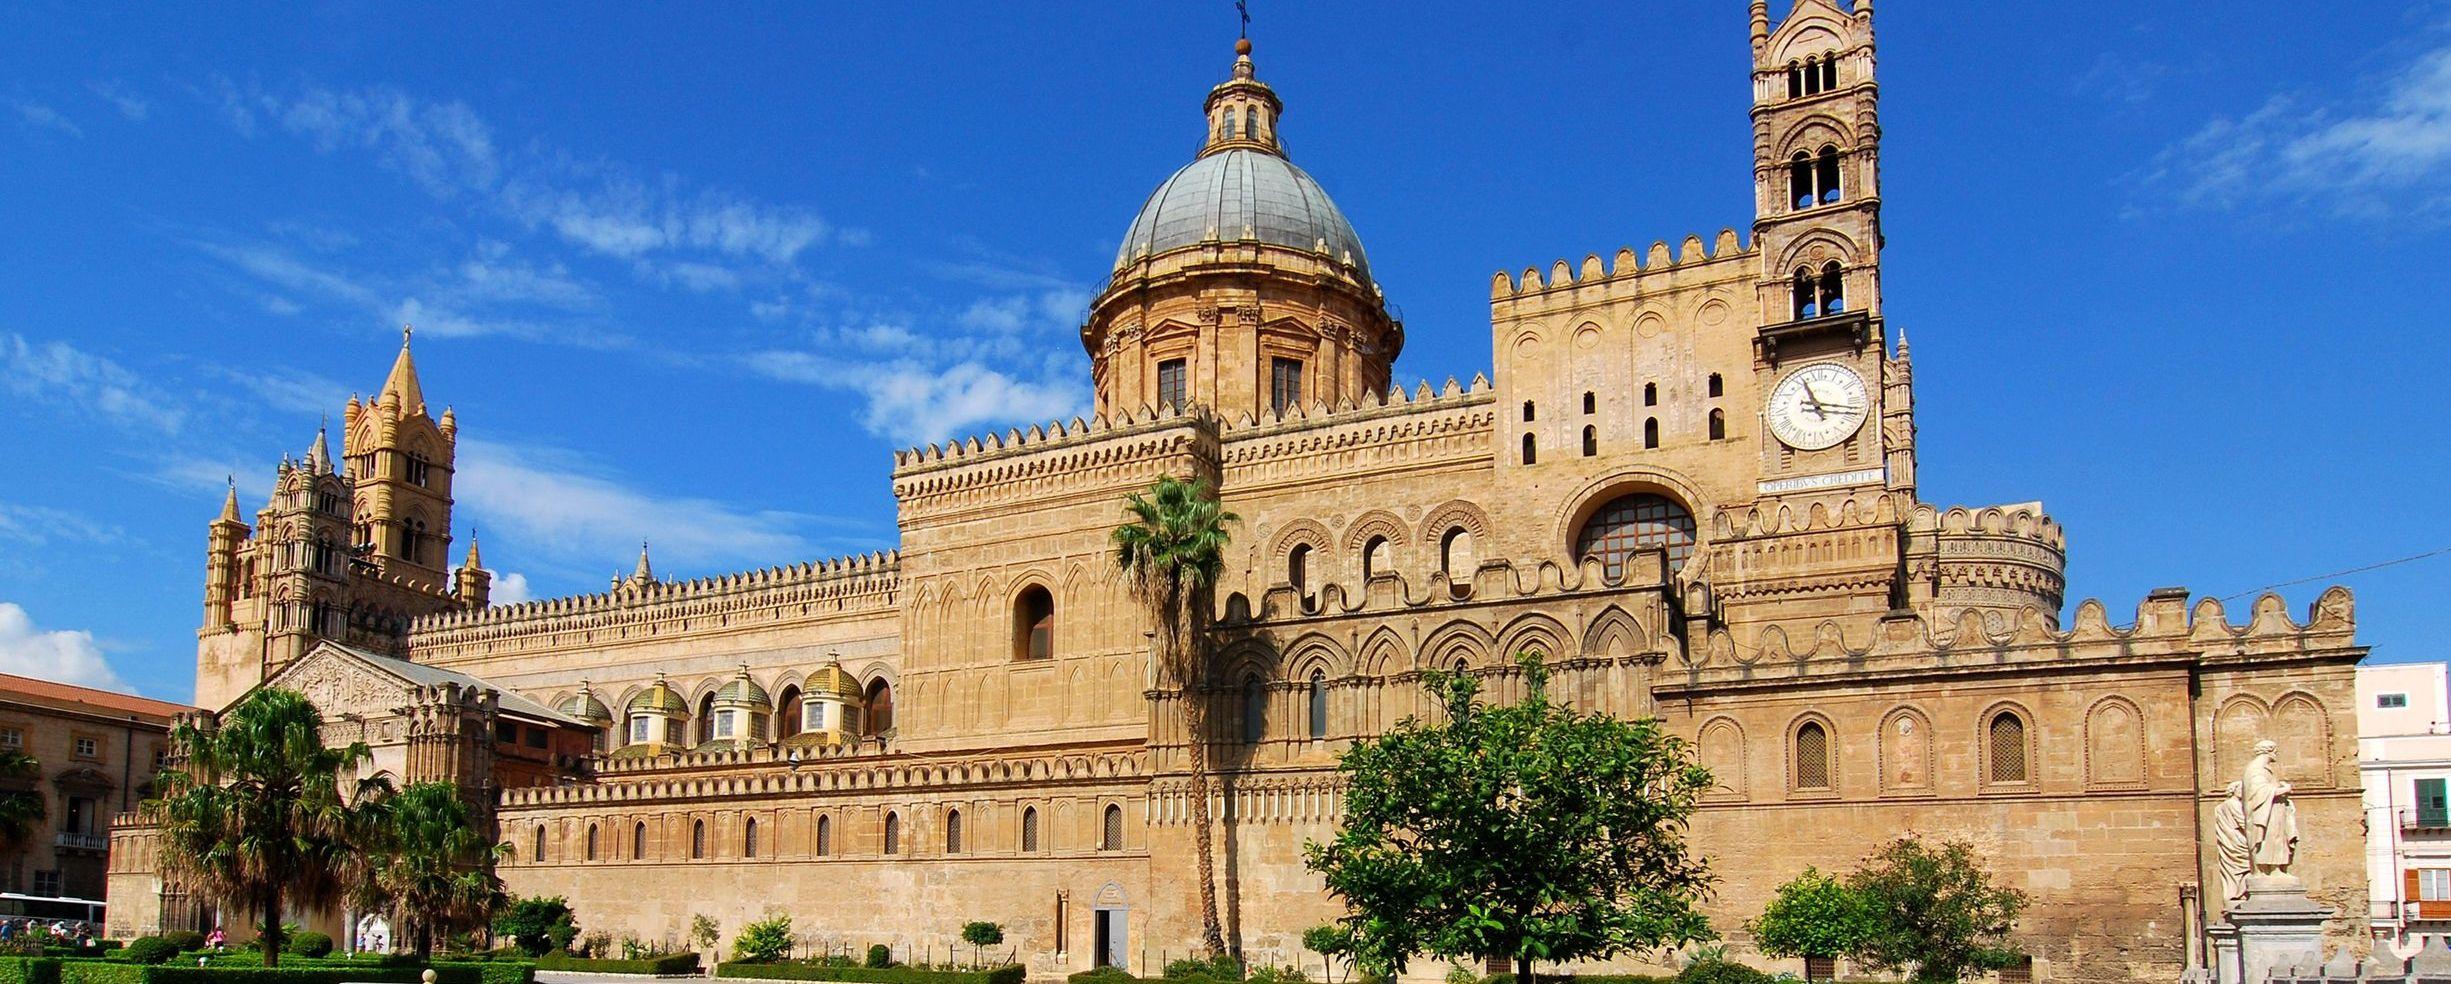 http://www.perusiaviaggi.it/images/sicilia-occidentale-palermo.jpg